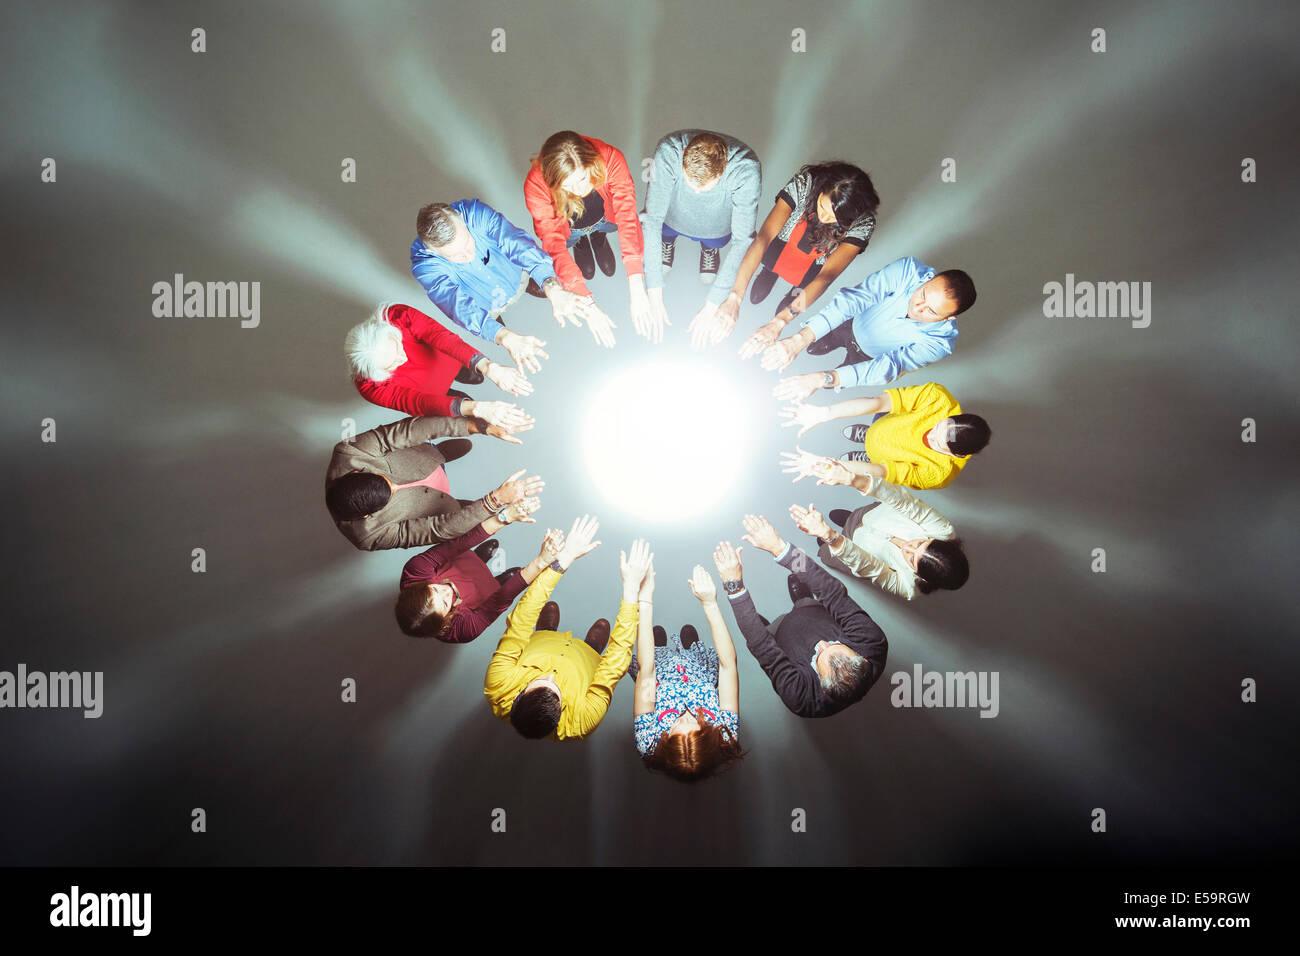 Masse bilden Kreis um helles Licht Stockbild